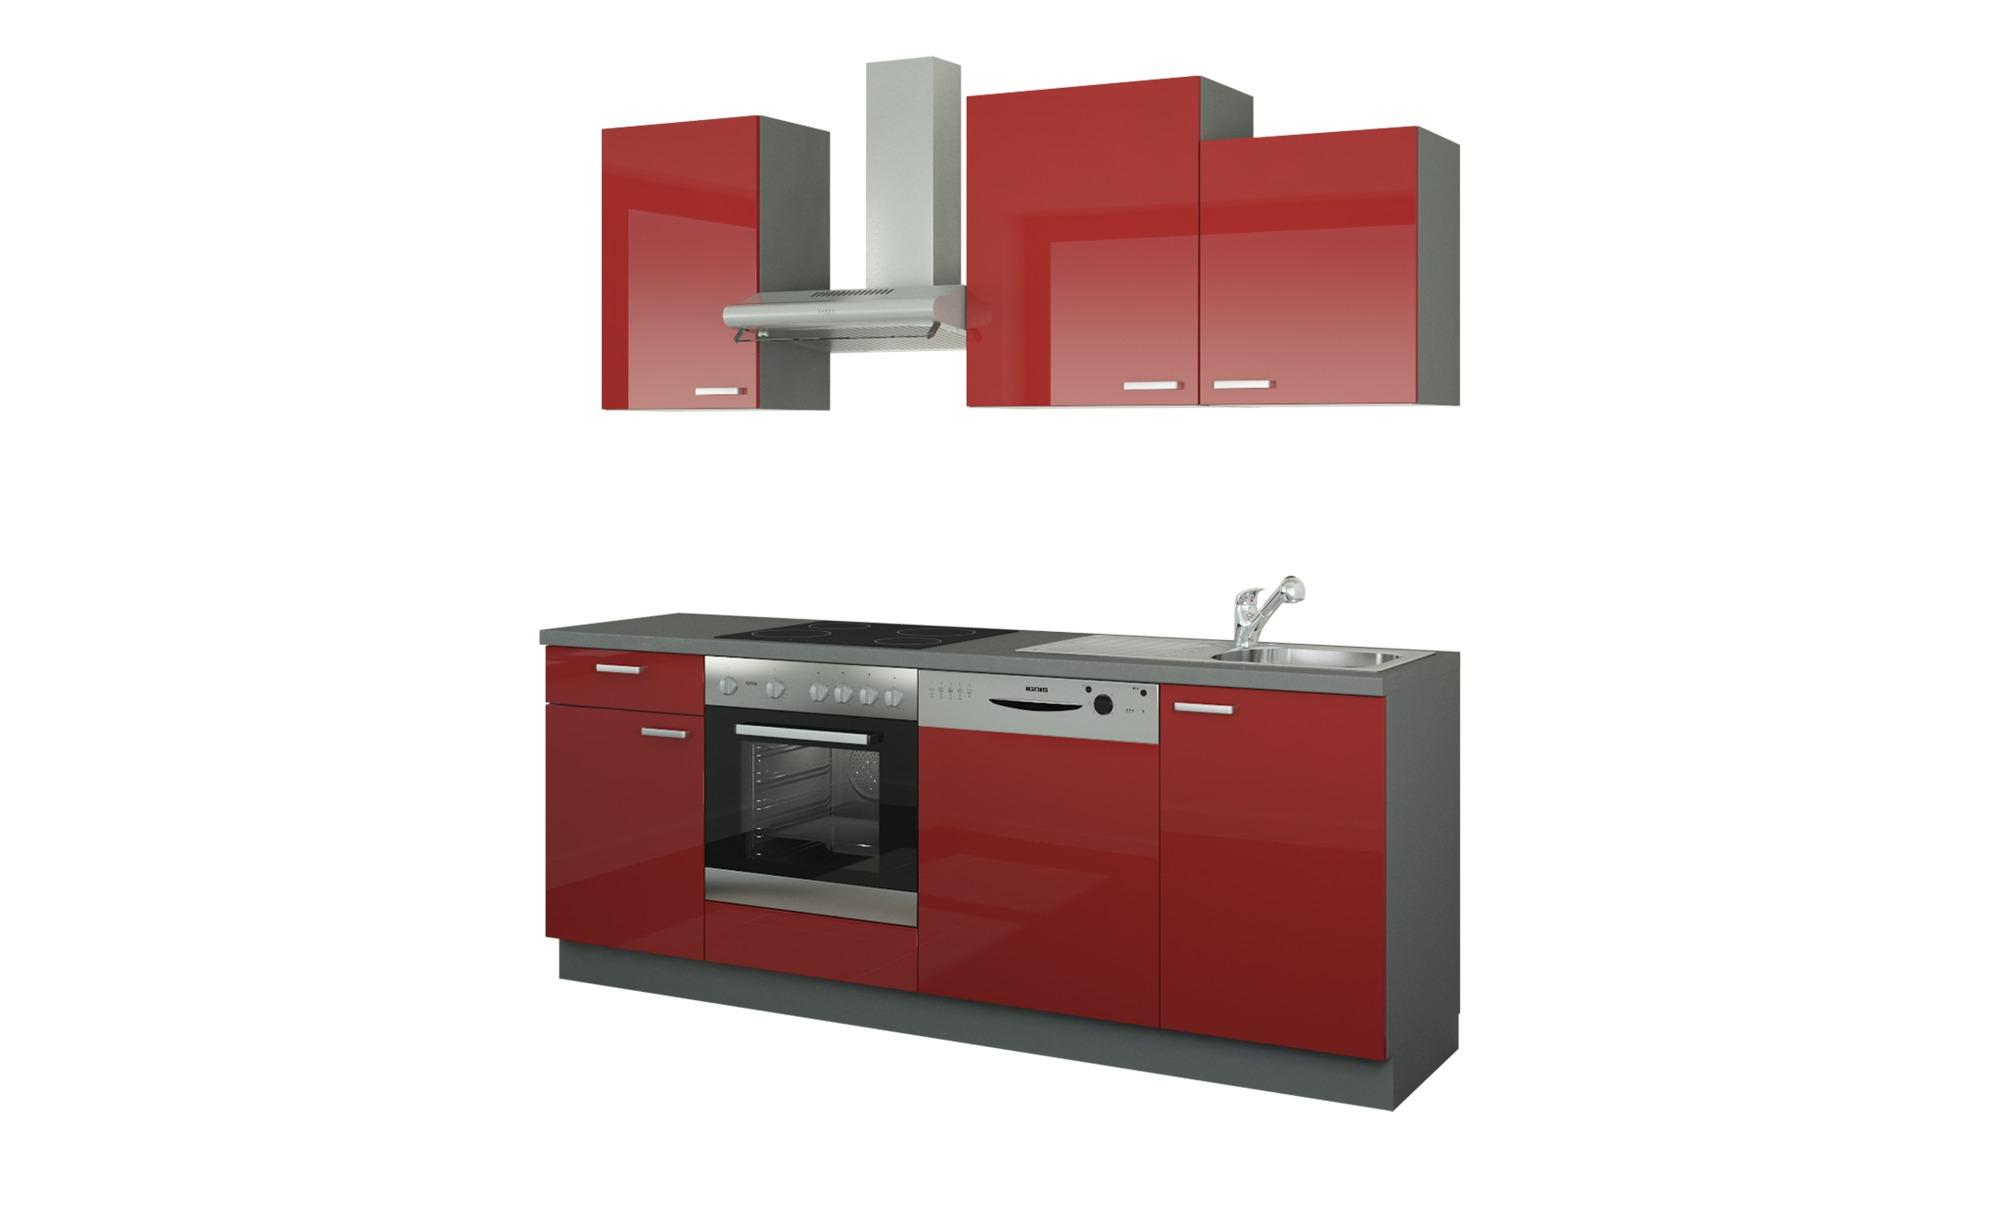 Küchenzeile mit Elektrogeräten  Erfurt ¦ rot ¦ Maße (cm): B: 220 Küchen > Küchenblöcke - Höffner   Küche und Esszimmer > Küchen   Rot   Holzwerkstoff   Möbel Höffner DE